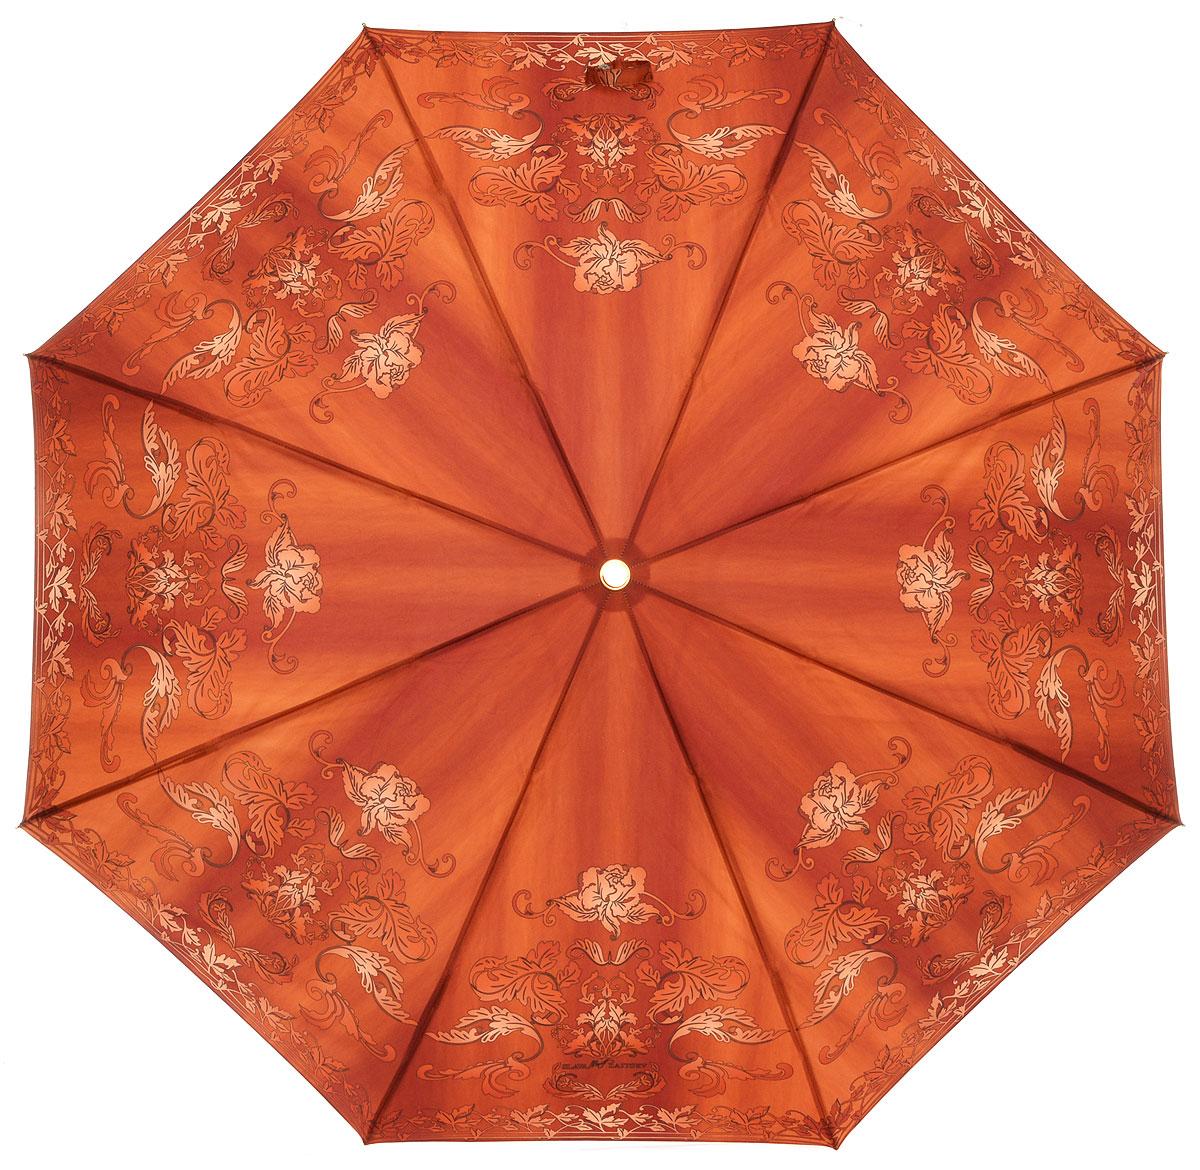 Зонт женский Slava Zaitsev, автомат, 3 сложения, цвет: оранжевый. 054/1054/1 midi SZДизайнерский женский зонт от Славы Зайцева не оставит вас без внимания. Зонт оформлен оригинальным узором. Купол зонта выполнен из качественного полиэстера, который не позволит вам намокнуть. Спицы и стержень выполнены из алюминия с элементами пластика. Зонт дополнен удобной пластиковой ручкой, которая дополнена петлей, благодаря которой зонт можно носить на запястье. Зонт имеет автоматический механизм сложения: купол открывается и закрывается нажатием кнопки на ручке, стержень складывается вручную до характерного щелчка, благодаря чему открыть и закрыть зонт можно одной рукой. К зонту прилагается чехол. Стильный и практичный аксессуар даже в ненастную погоду позволит вам оставаться яркой и неотразимой.